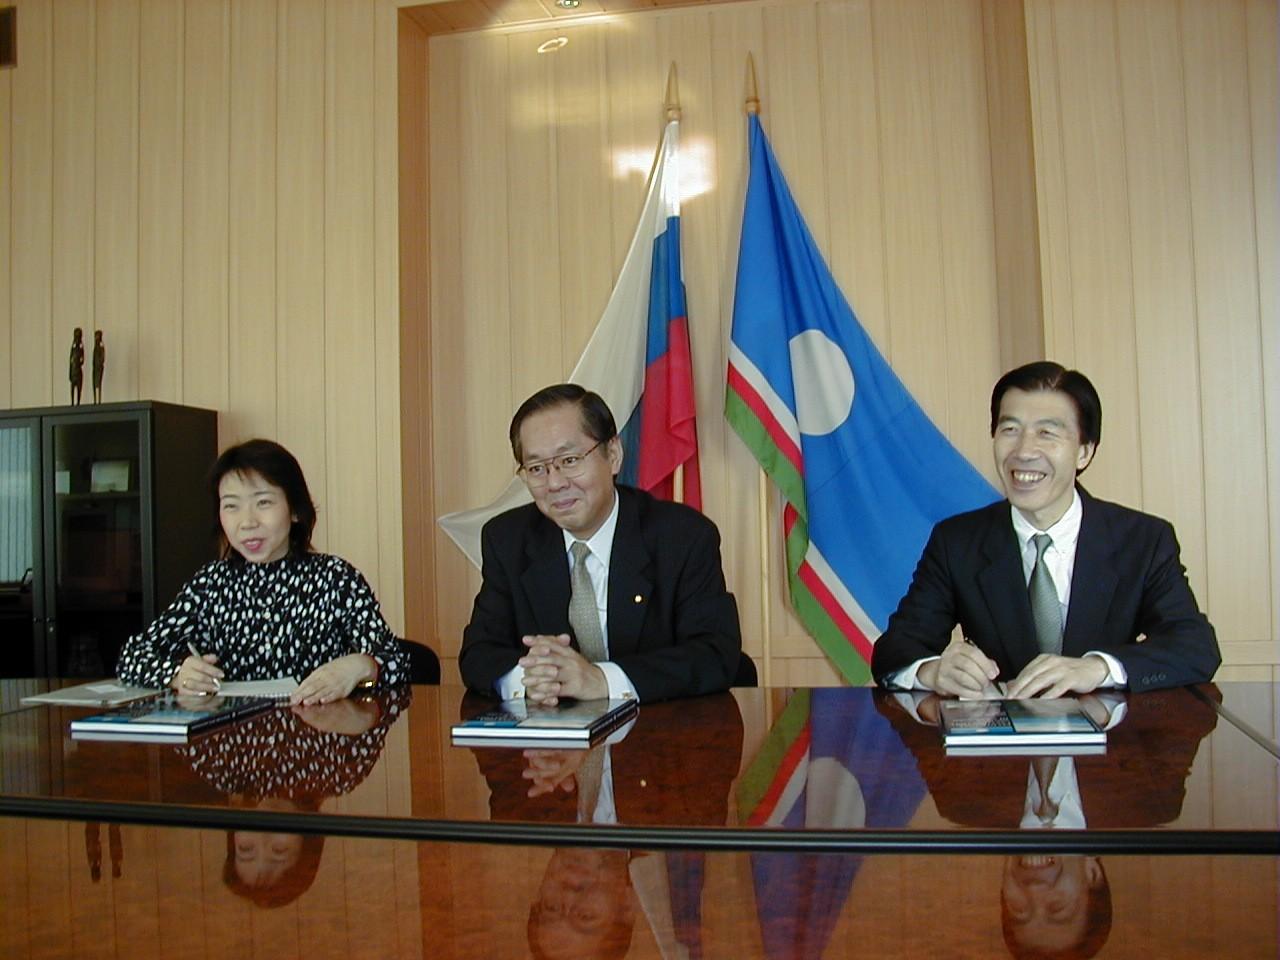 Японская делегация в Хангаласском улусе. Август 2001 года